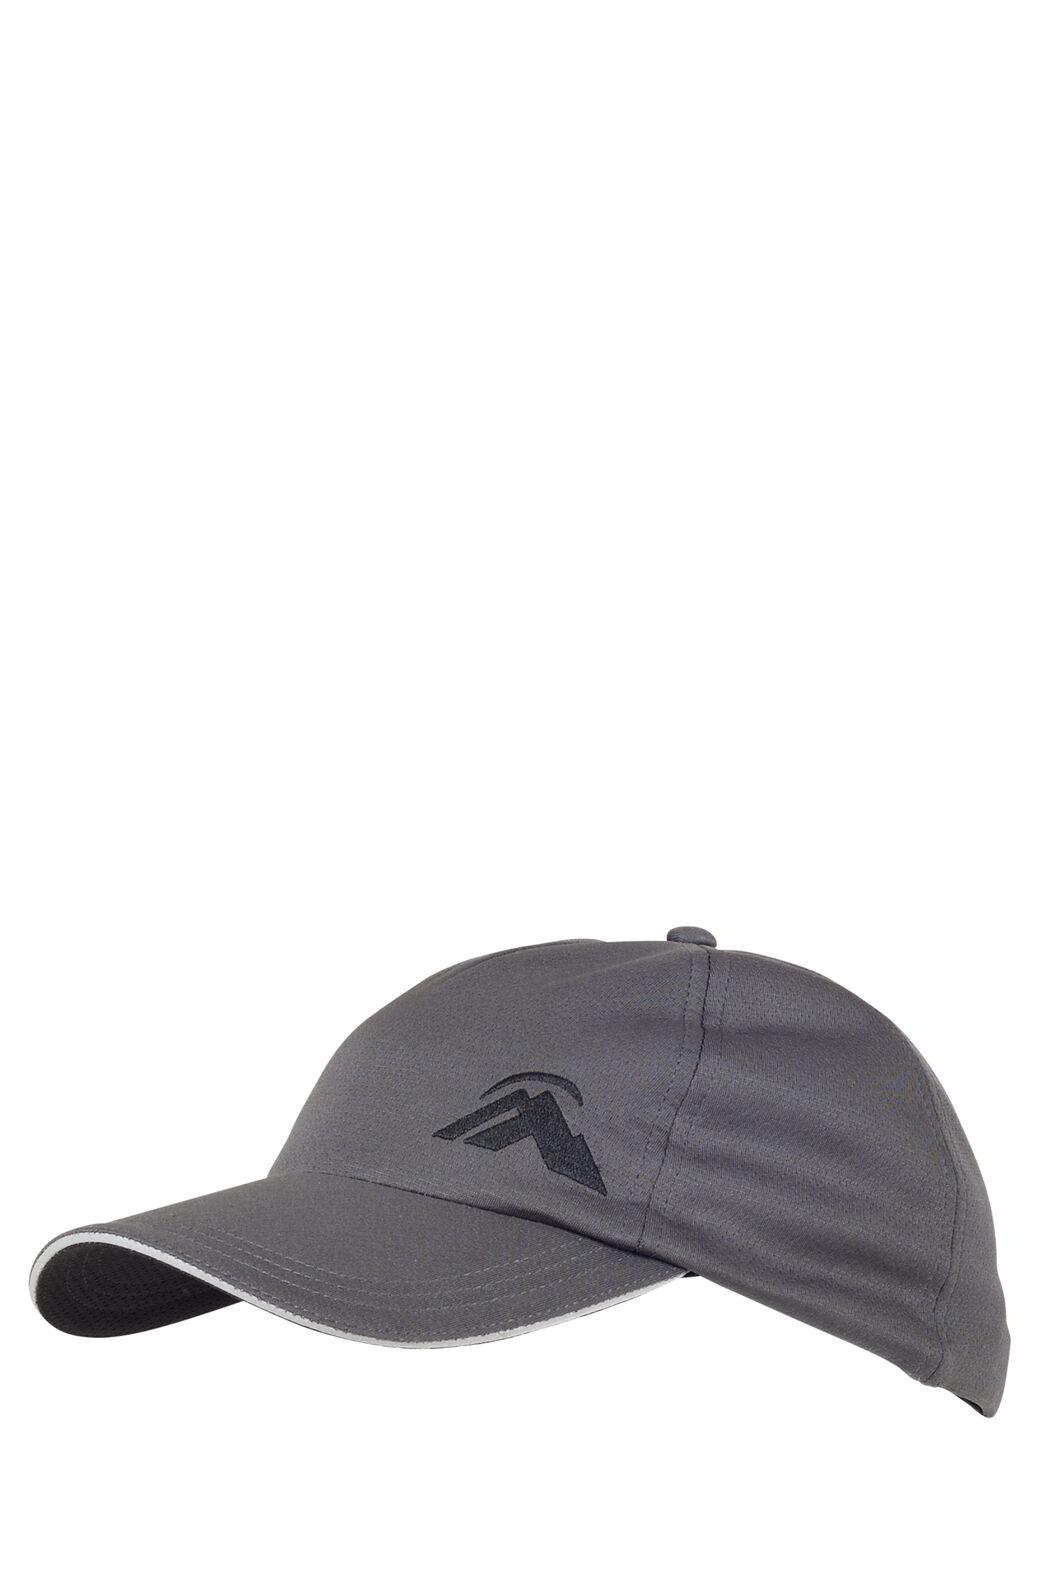 Macpac Trail Cap, Grey, hi-res